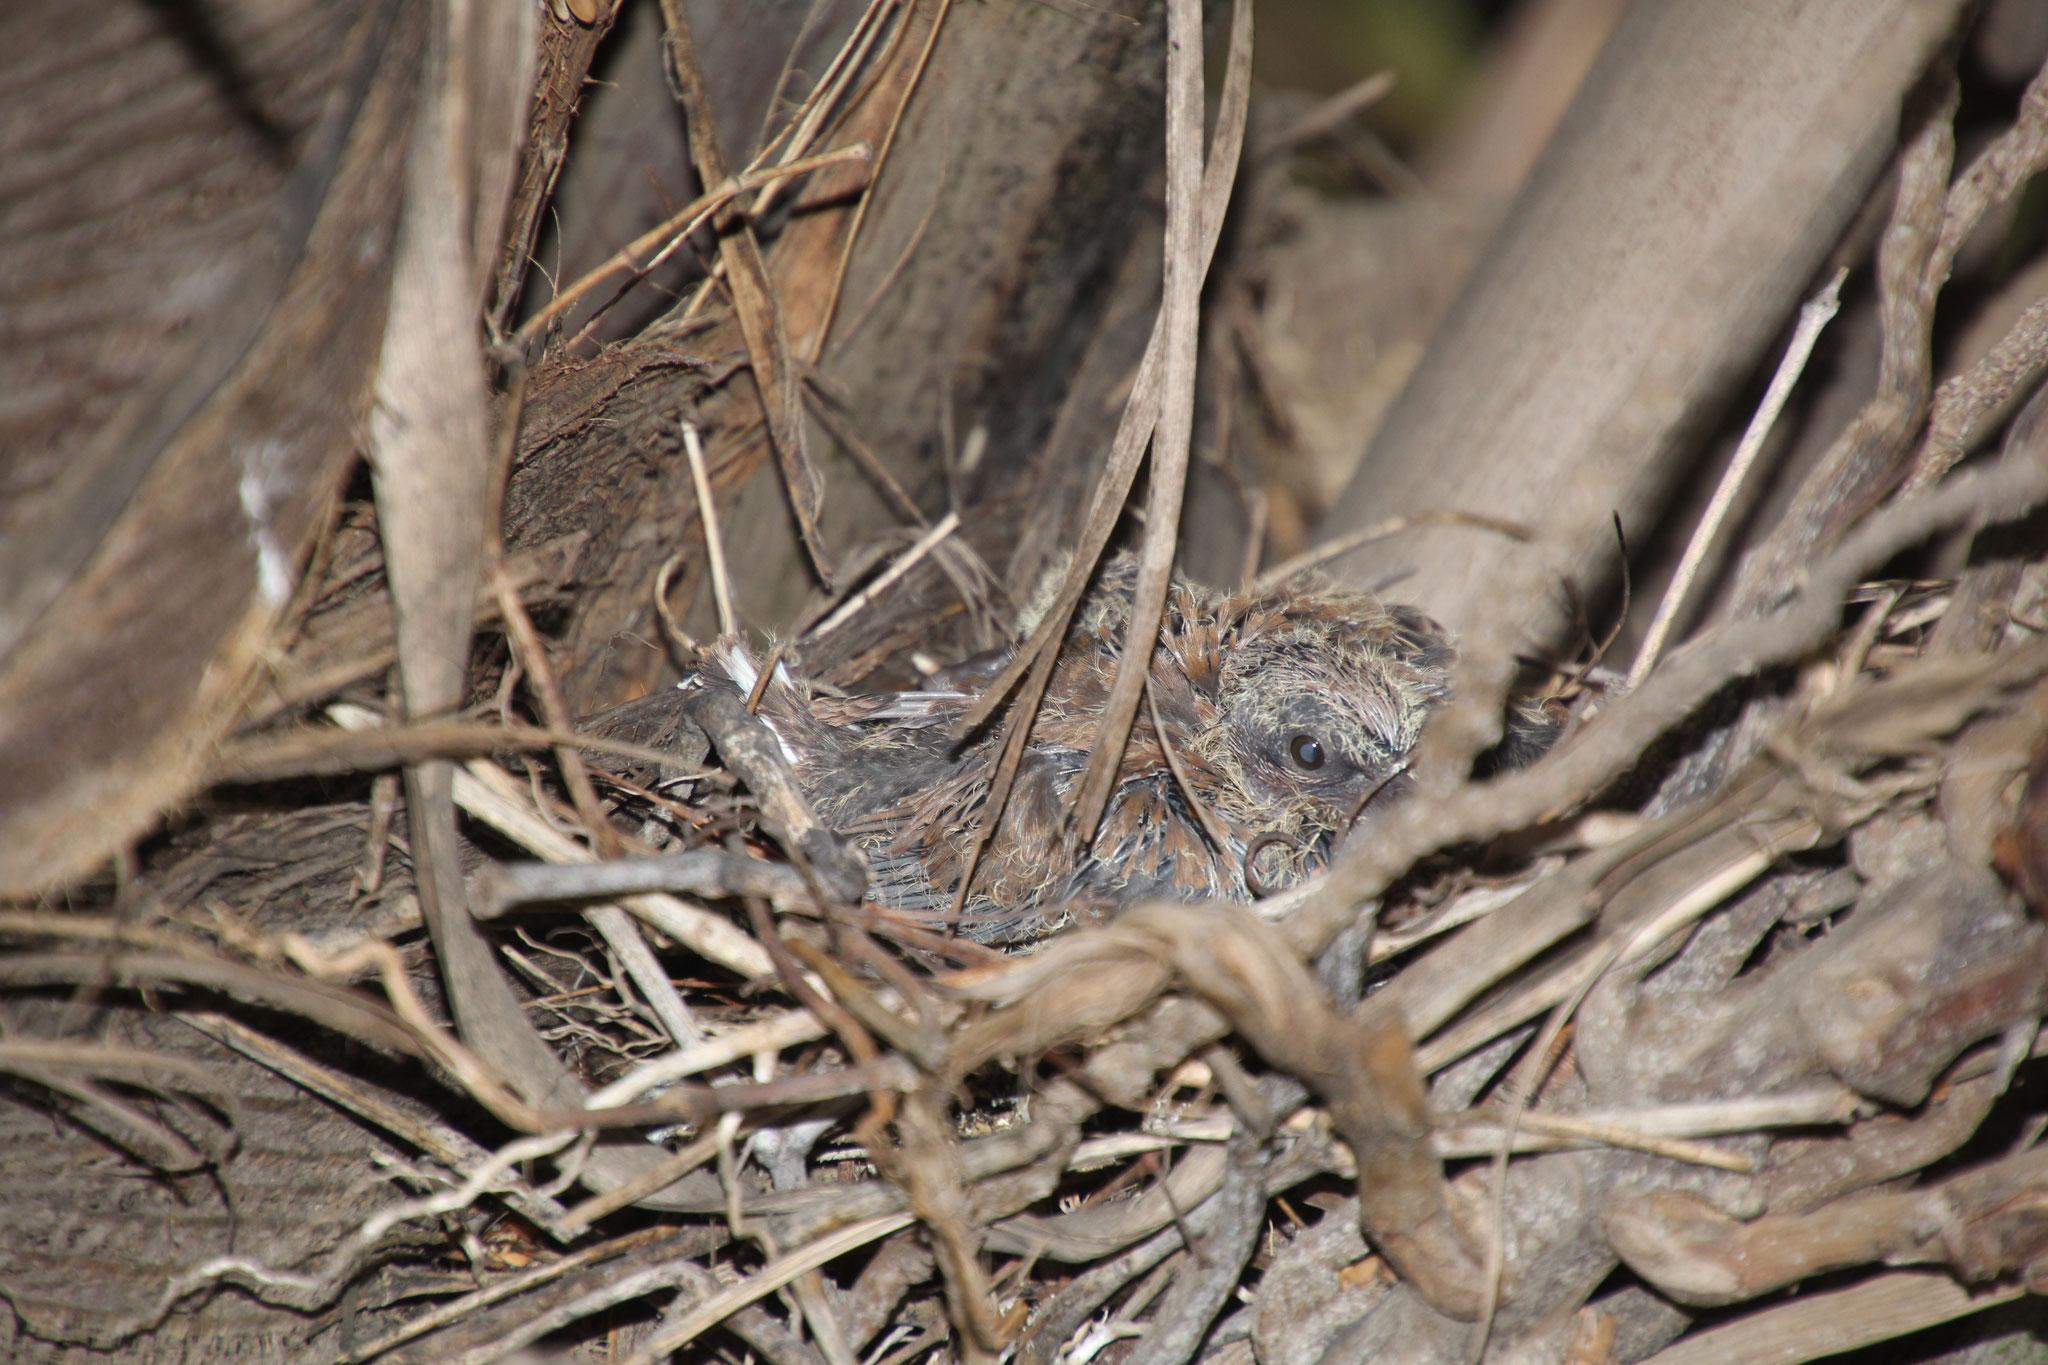 Auf der Kokospalme hat eine Palmtaube 2 Junge aufgezogen.